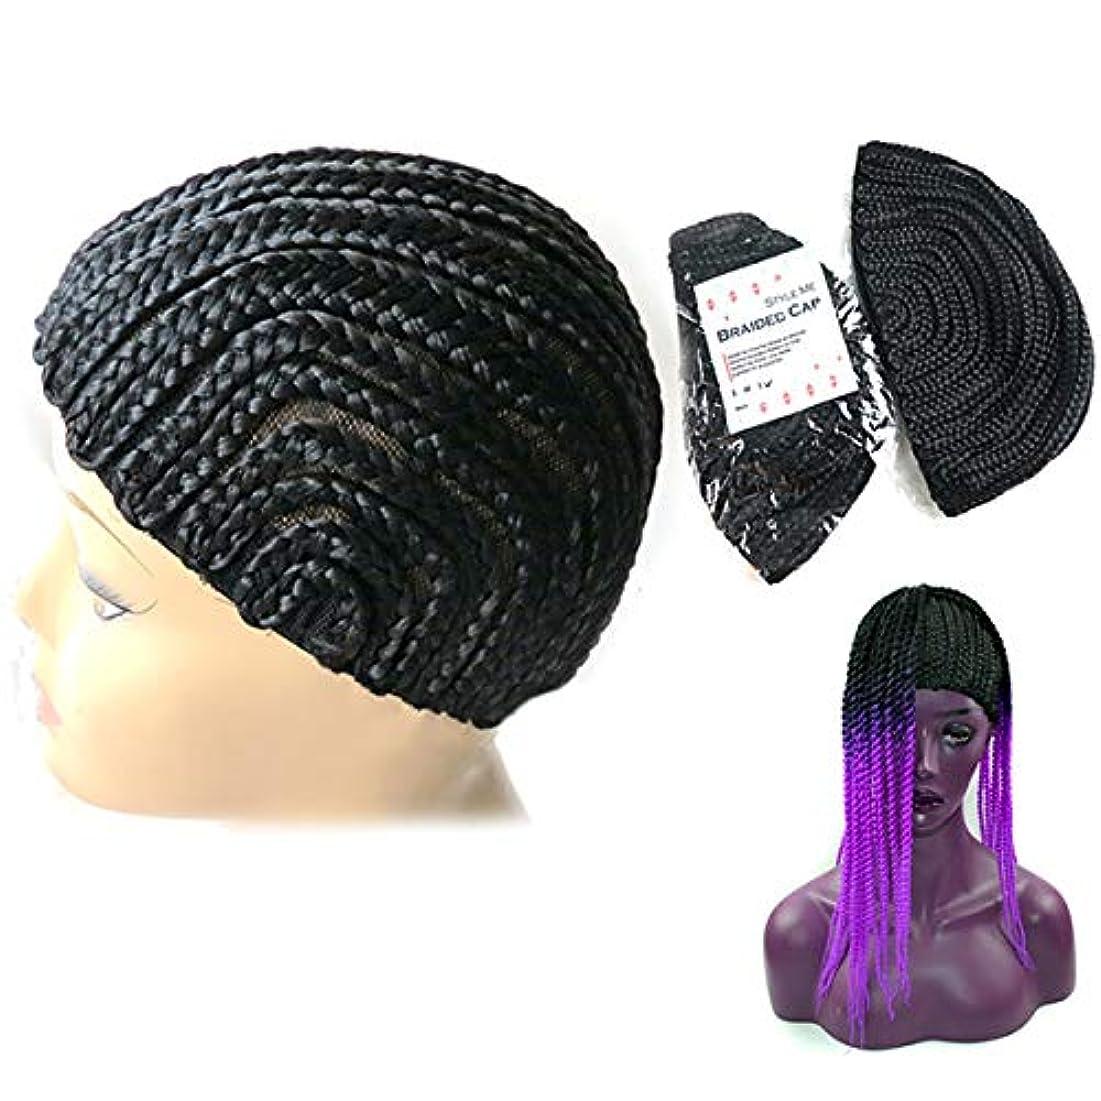 触手ボタン暗くするYZUEYT 弾性コーンローウィッグキャップ調節可能なかぎ針編み織りキャップレースヘアネットヘアスタイリングツール YZUEYT (Size : One size)